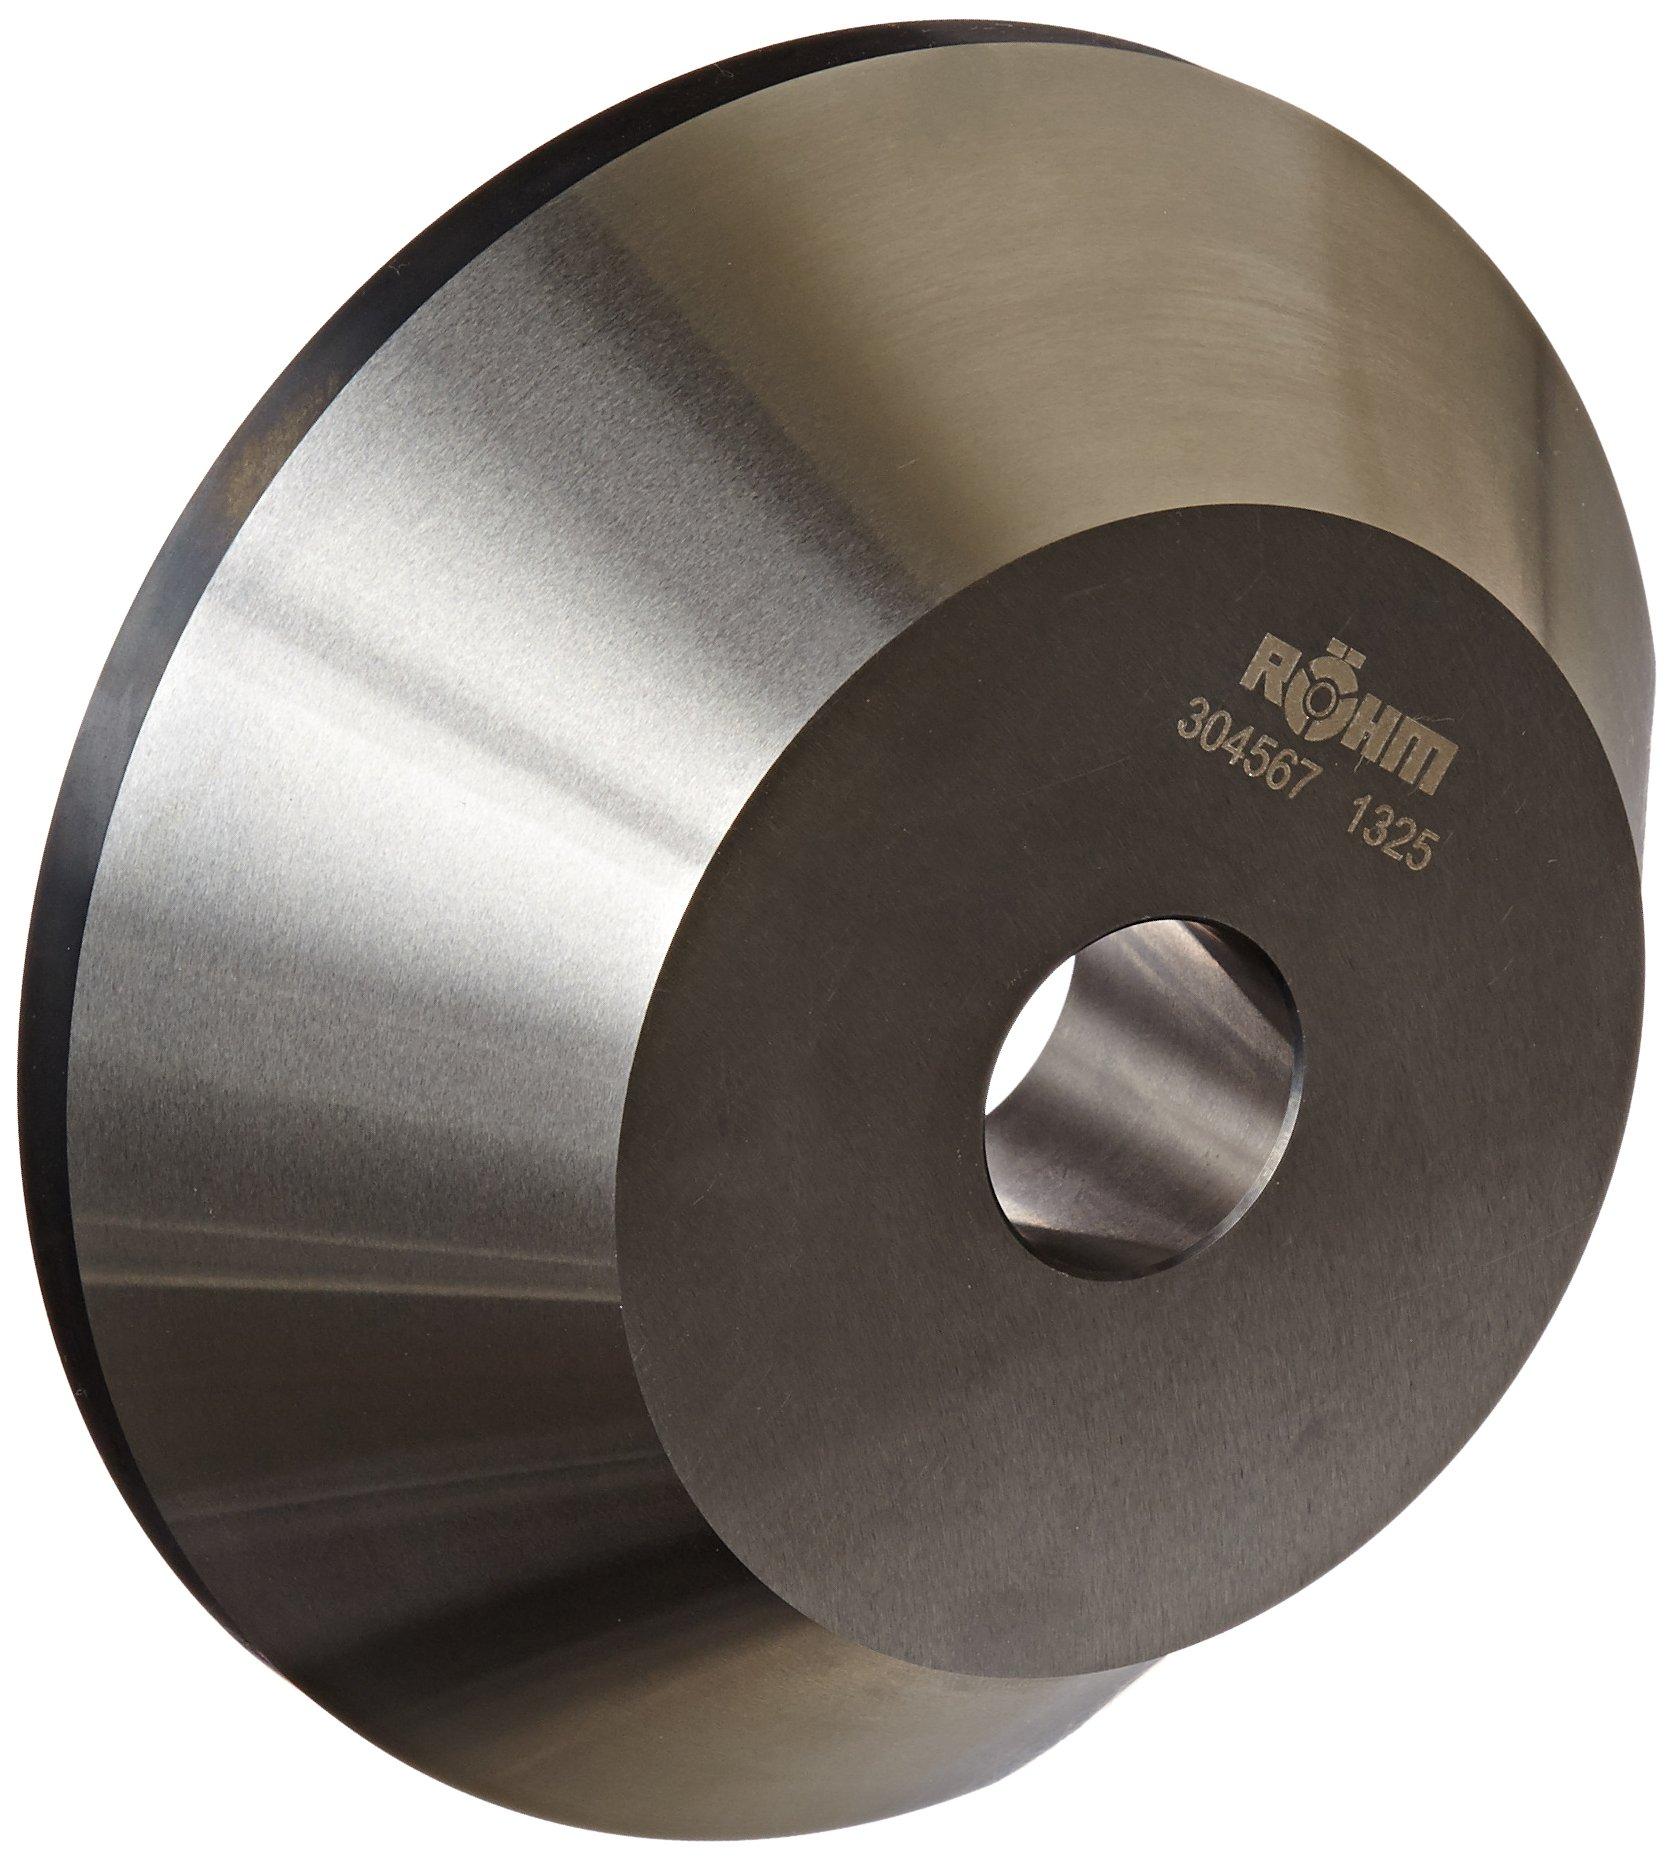 Röhm 304567 Type 608-20 Centering Insert AZ with 75 Degree Taper for Morse Taper 4, Standard Version, Size 3, 150mm Body Diameter, 45mm Length